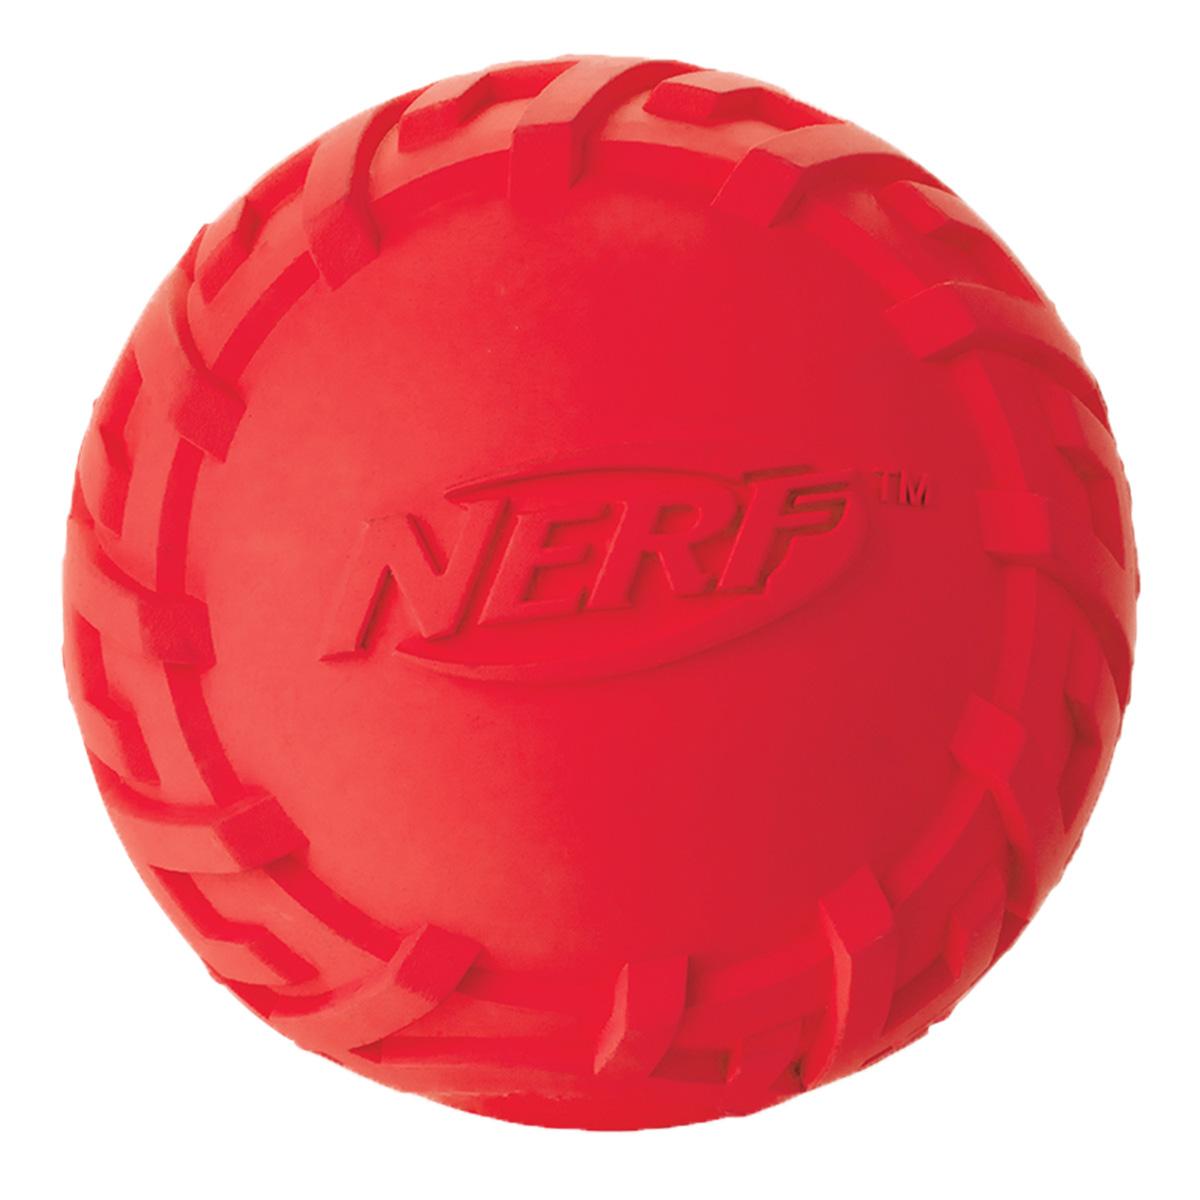 Игрушка для собак Nerf Мяч резиновый, с пищалкой, цвет: красный, диаметр 7,5 см игрушка для собак nerf булава с пищалкой 17 5 см